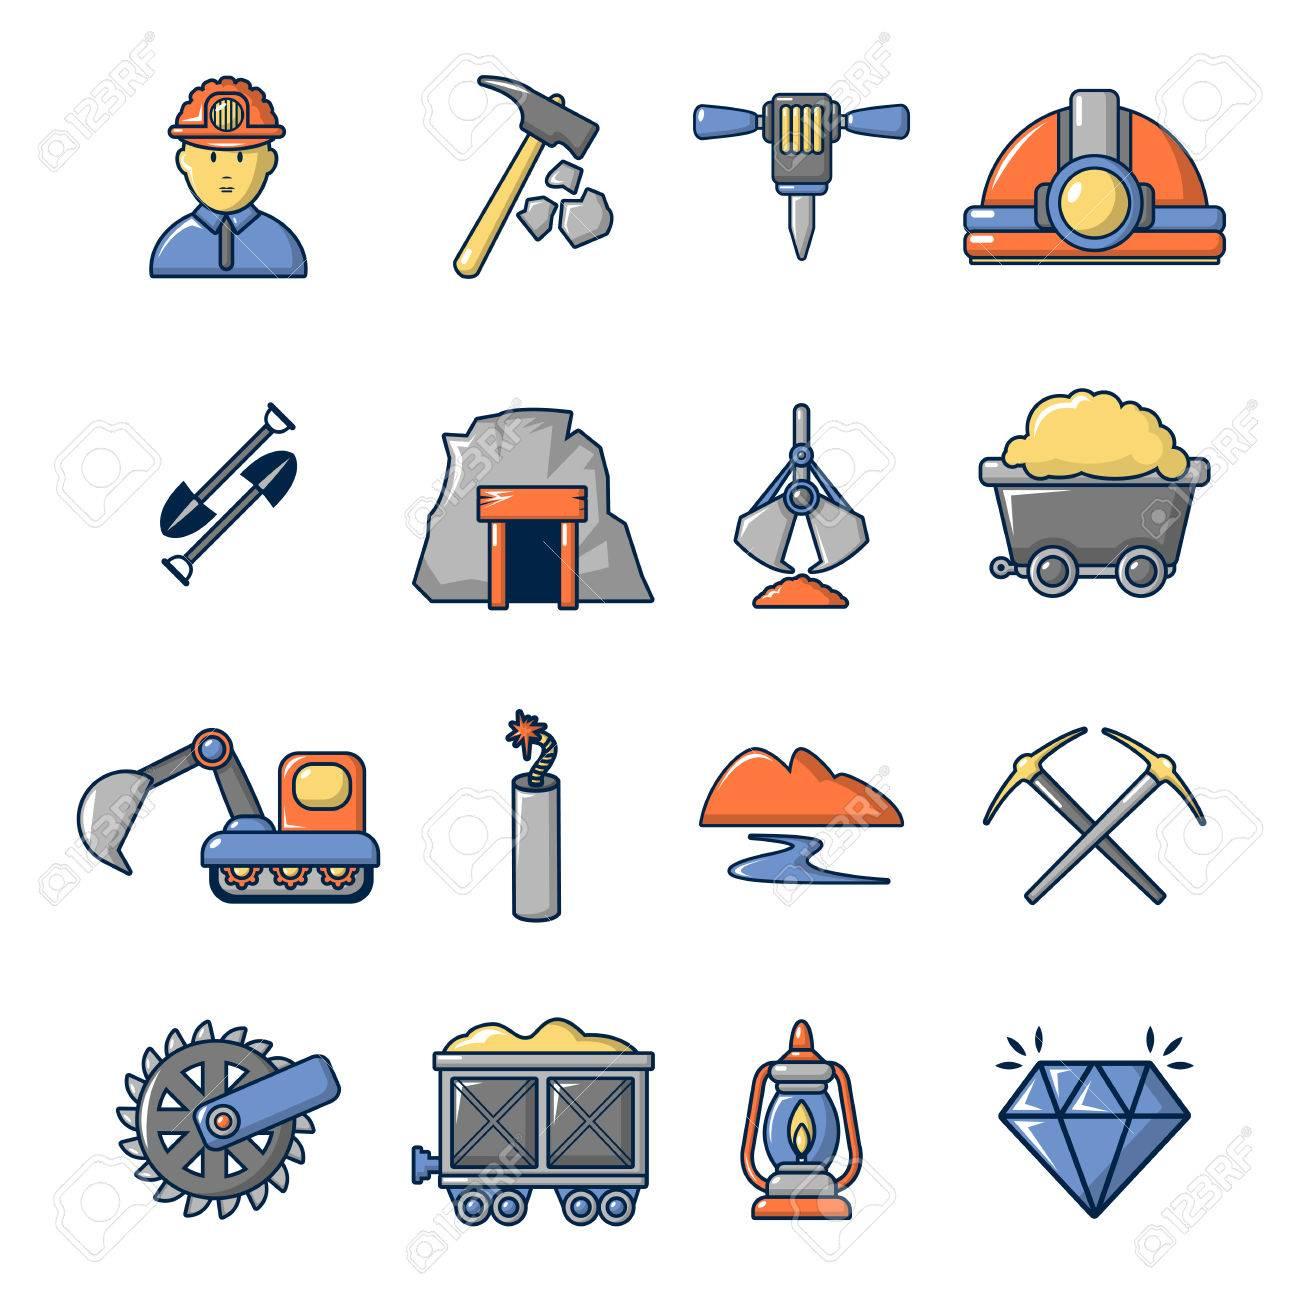 Mineria De Minerales De Negocios Conjunto De Iconos Ilustracion De Dibujos Animados De 16 Iconos De Vector De Negocios De Minerales Mineros Para Web Ilustraciones Vectoriales Clip Art Vectorizado Libre De Derechos